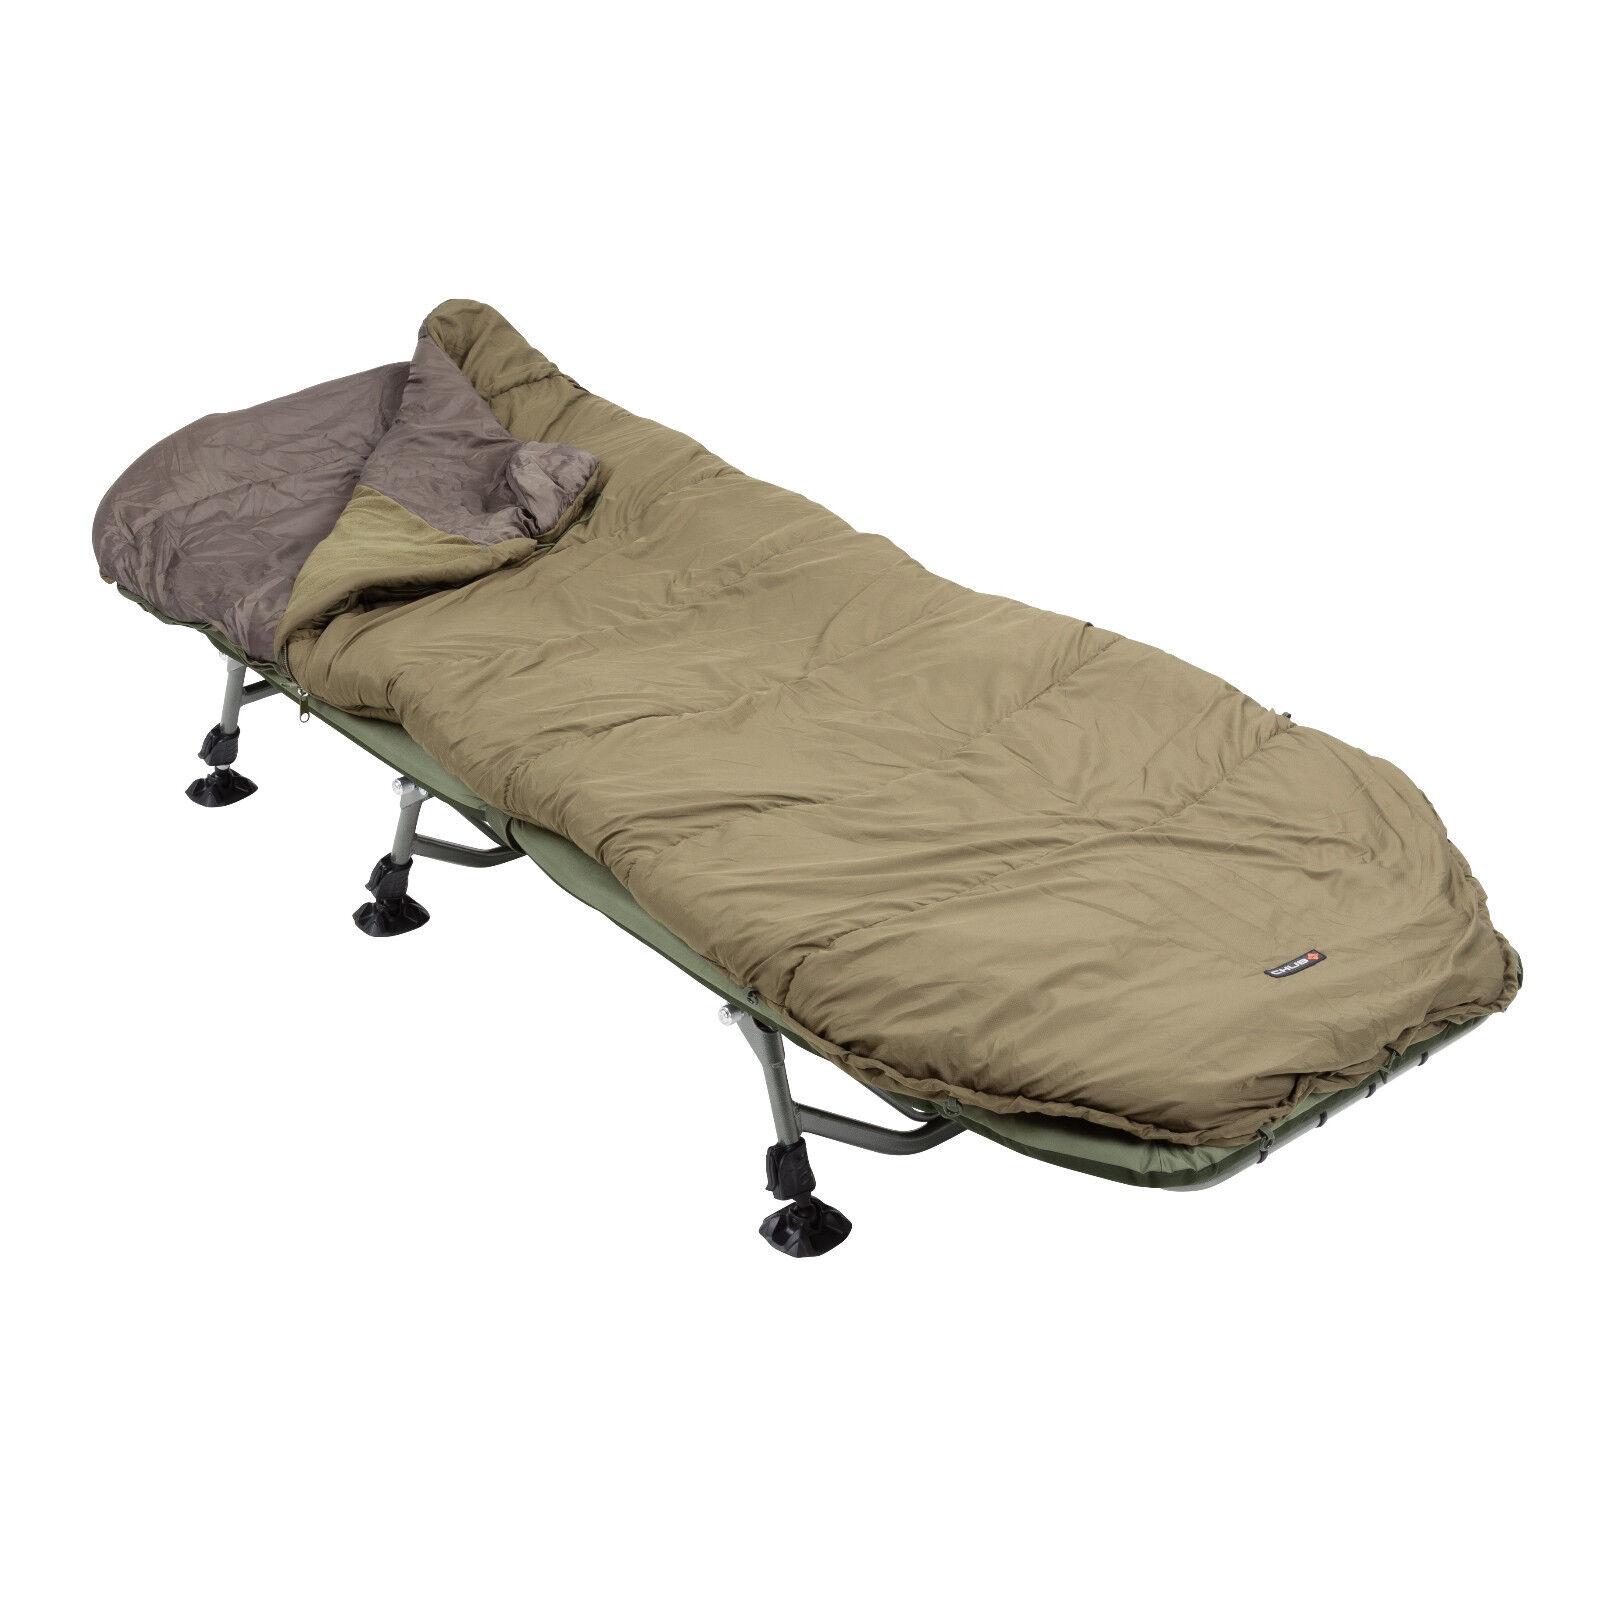 Chub outkast sleeping bag 1404655 saco de dormir dormir saco sleepingbag